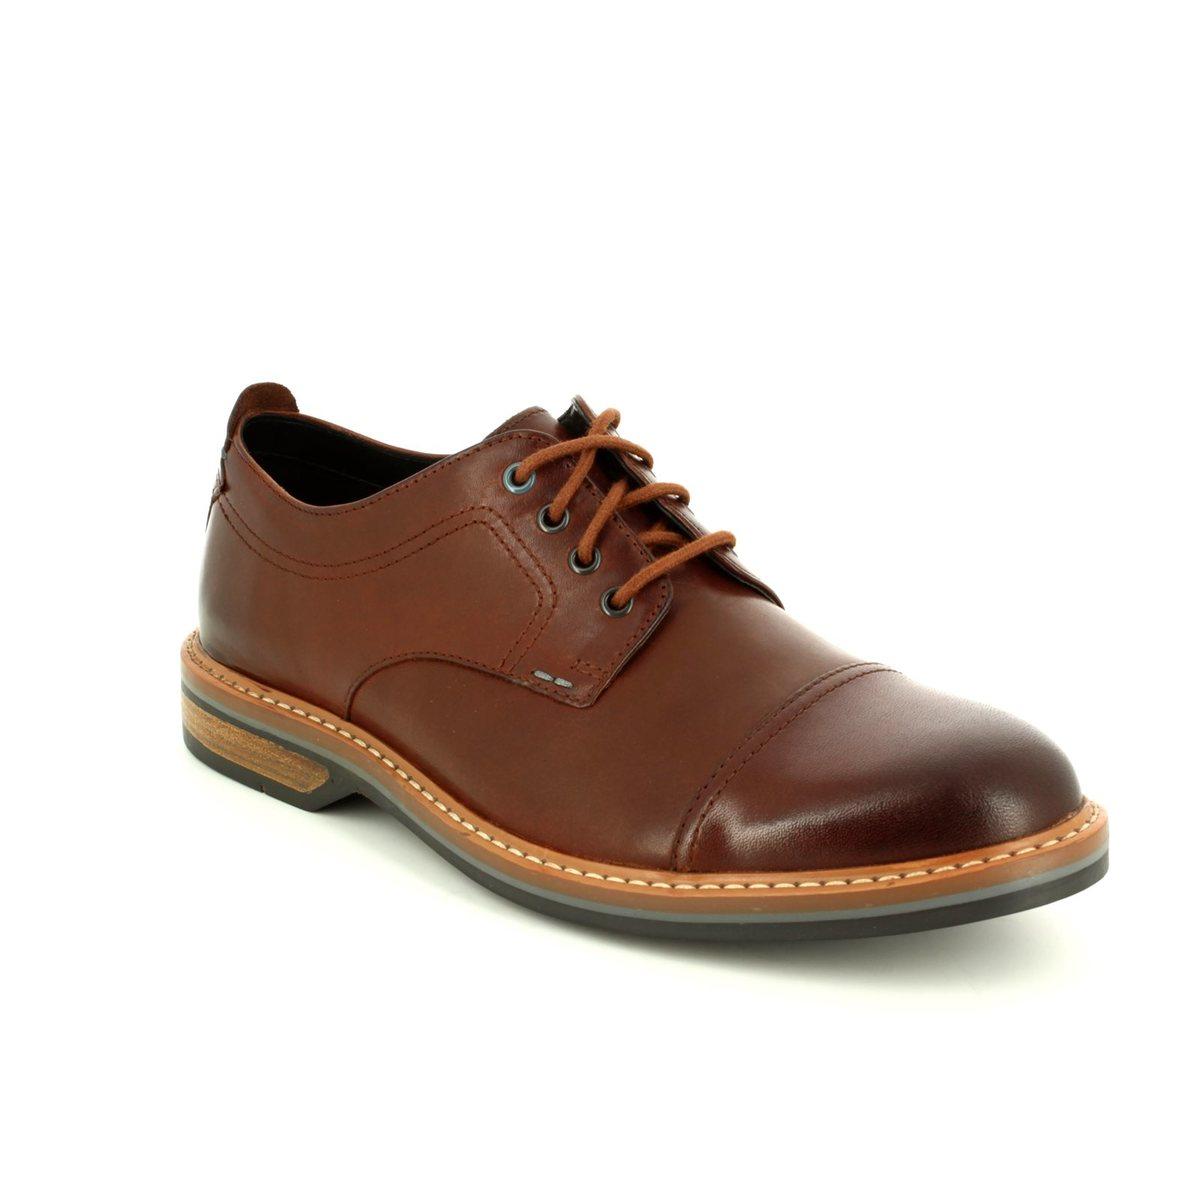 Dansko Shoes Mens